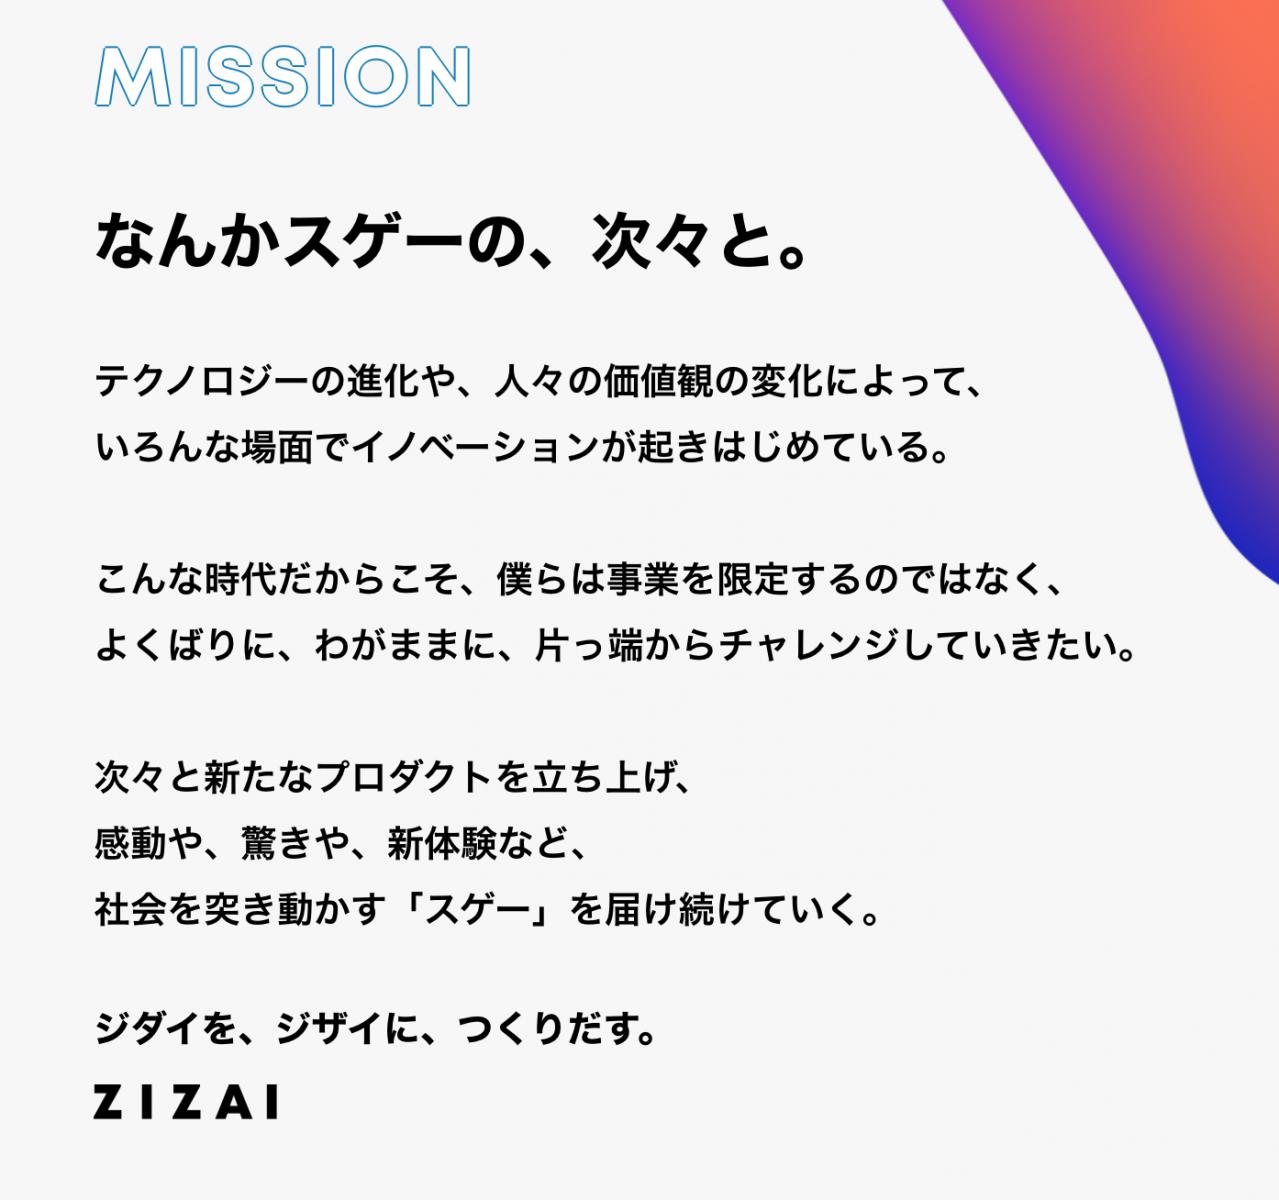 株式会社ZIZAIのミッション